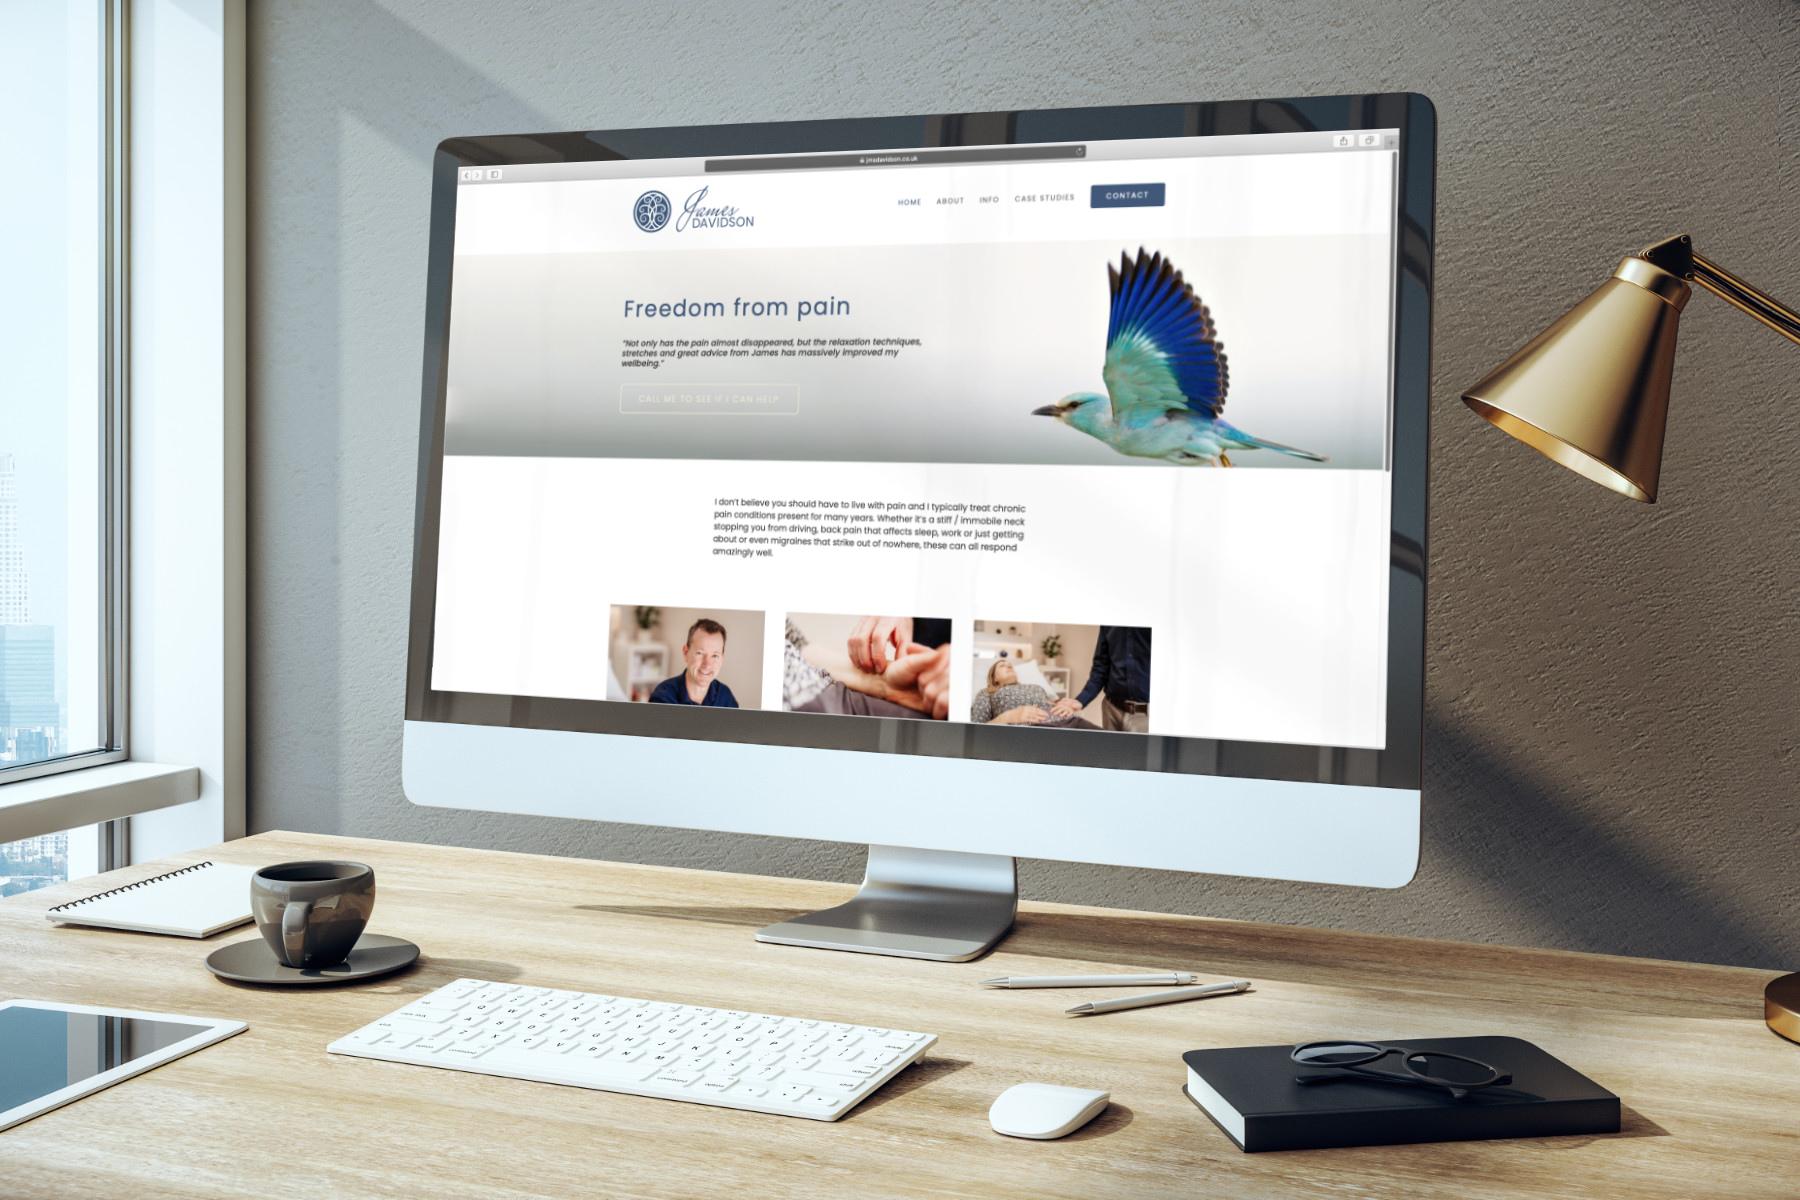 Acupuncture website design